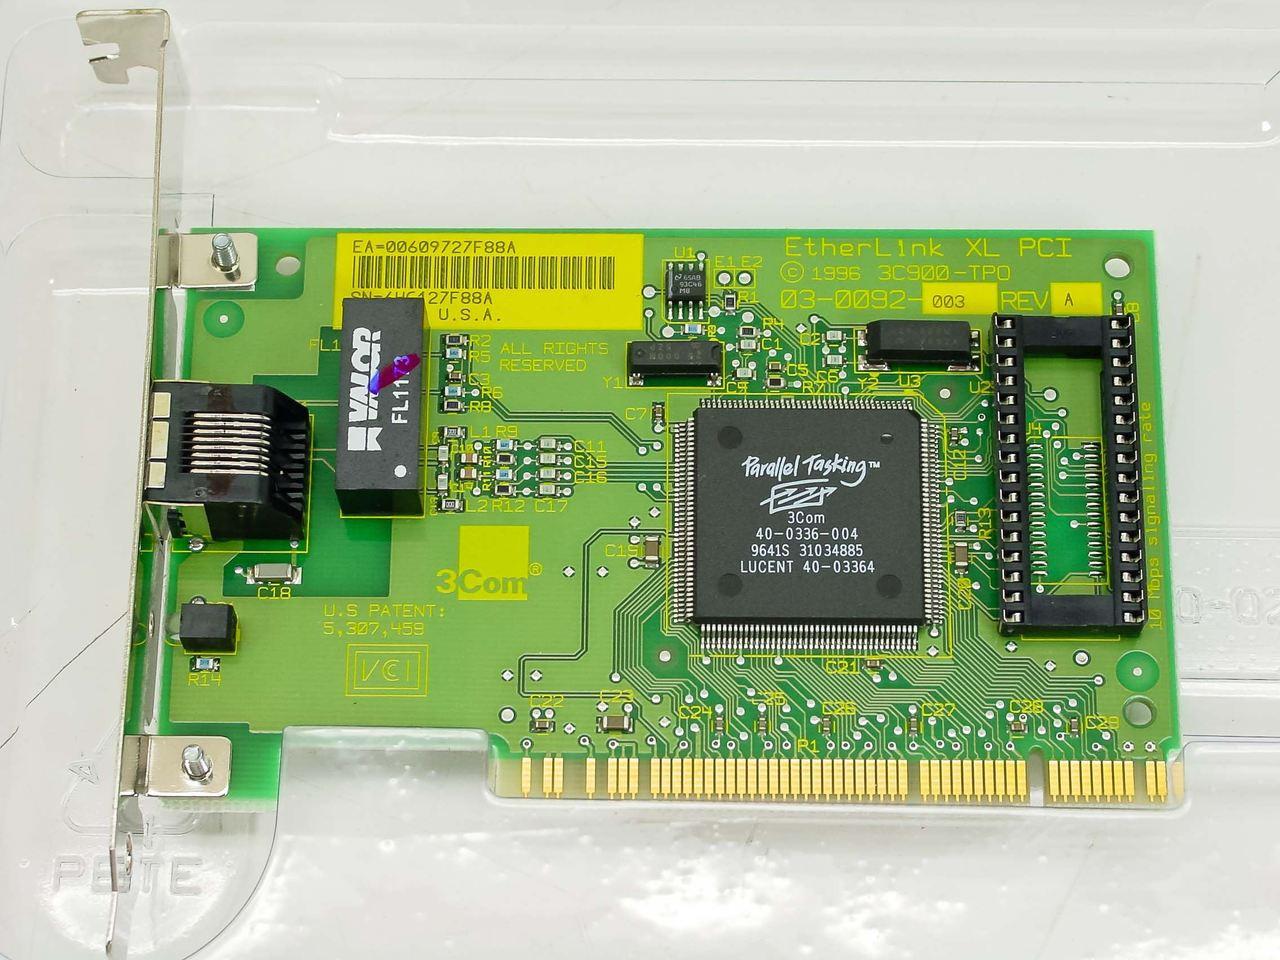 DRIVER FOR 3COM 3C900-TPO